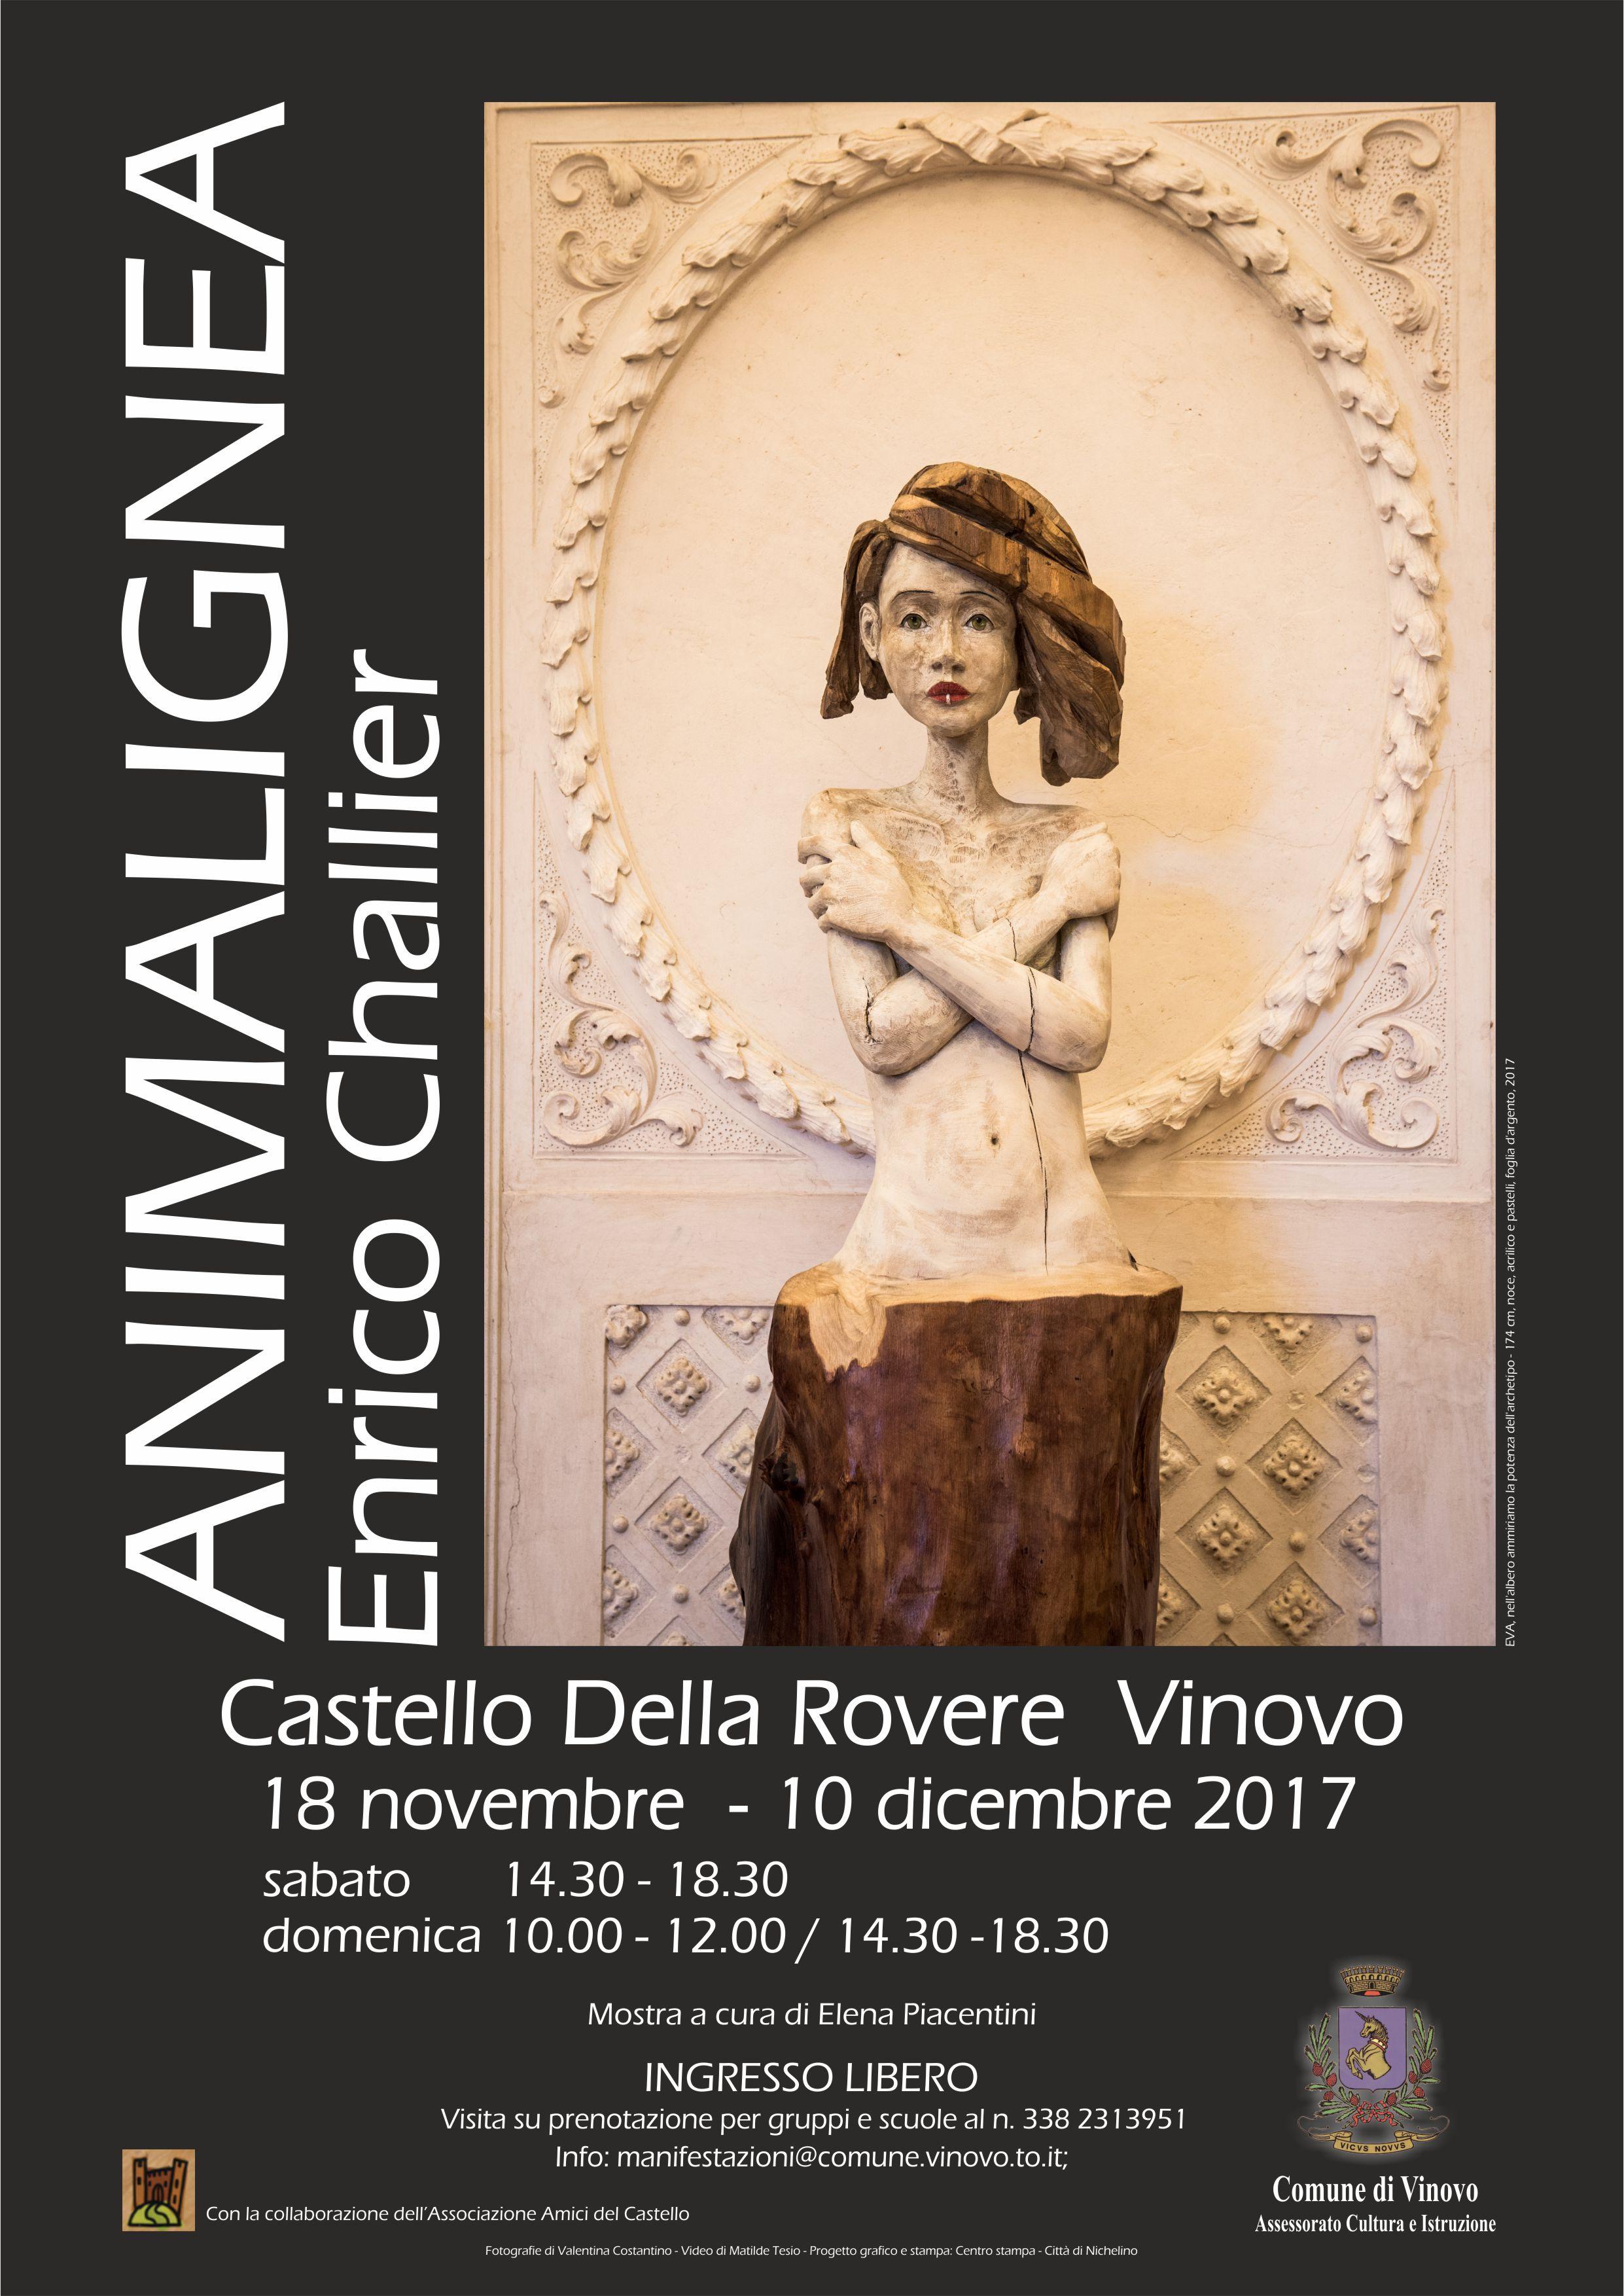 Animalignea, esperienza dell'Arte contemporanea